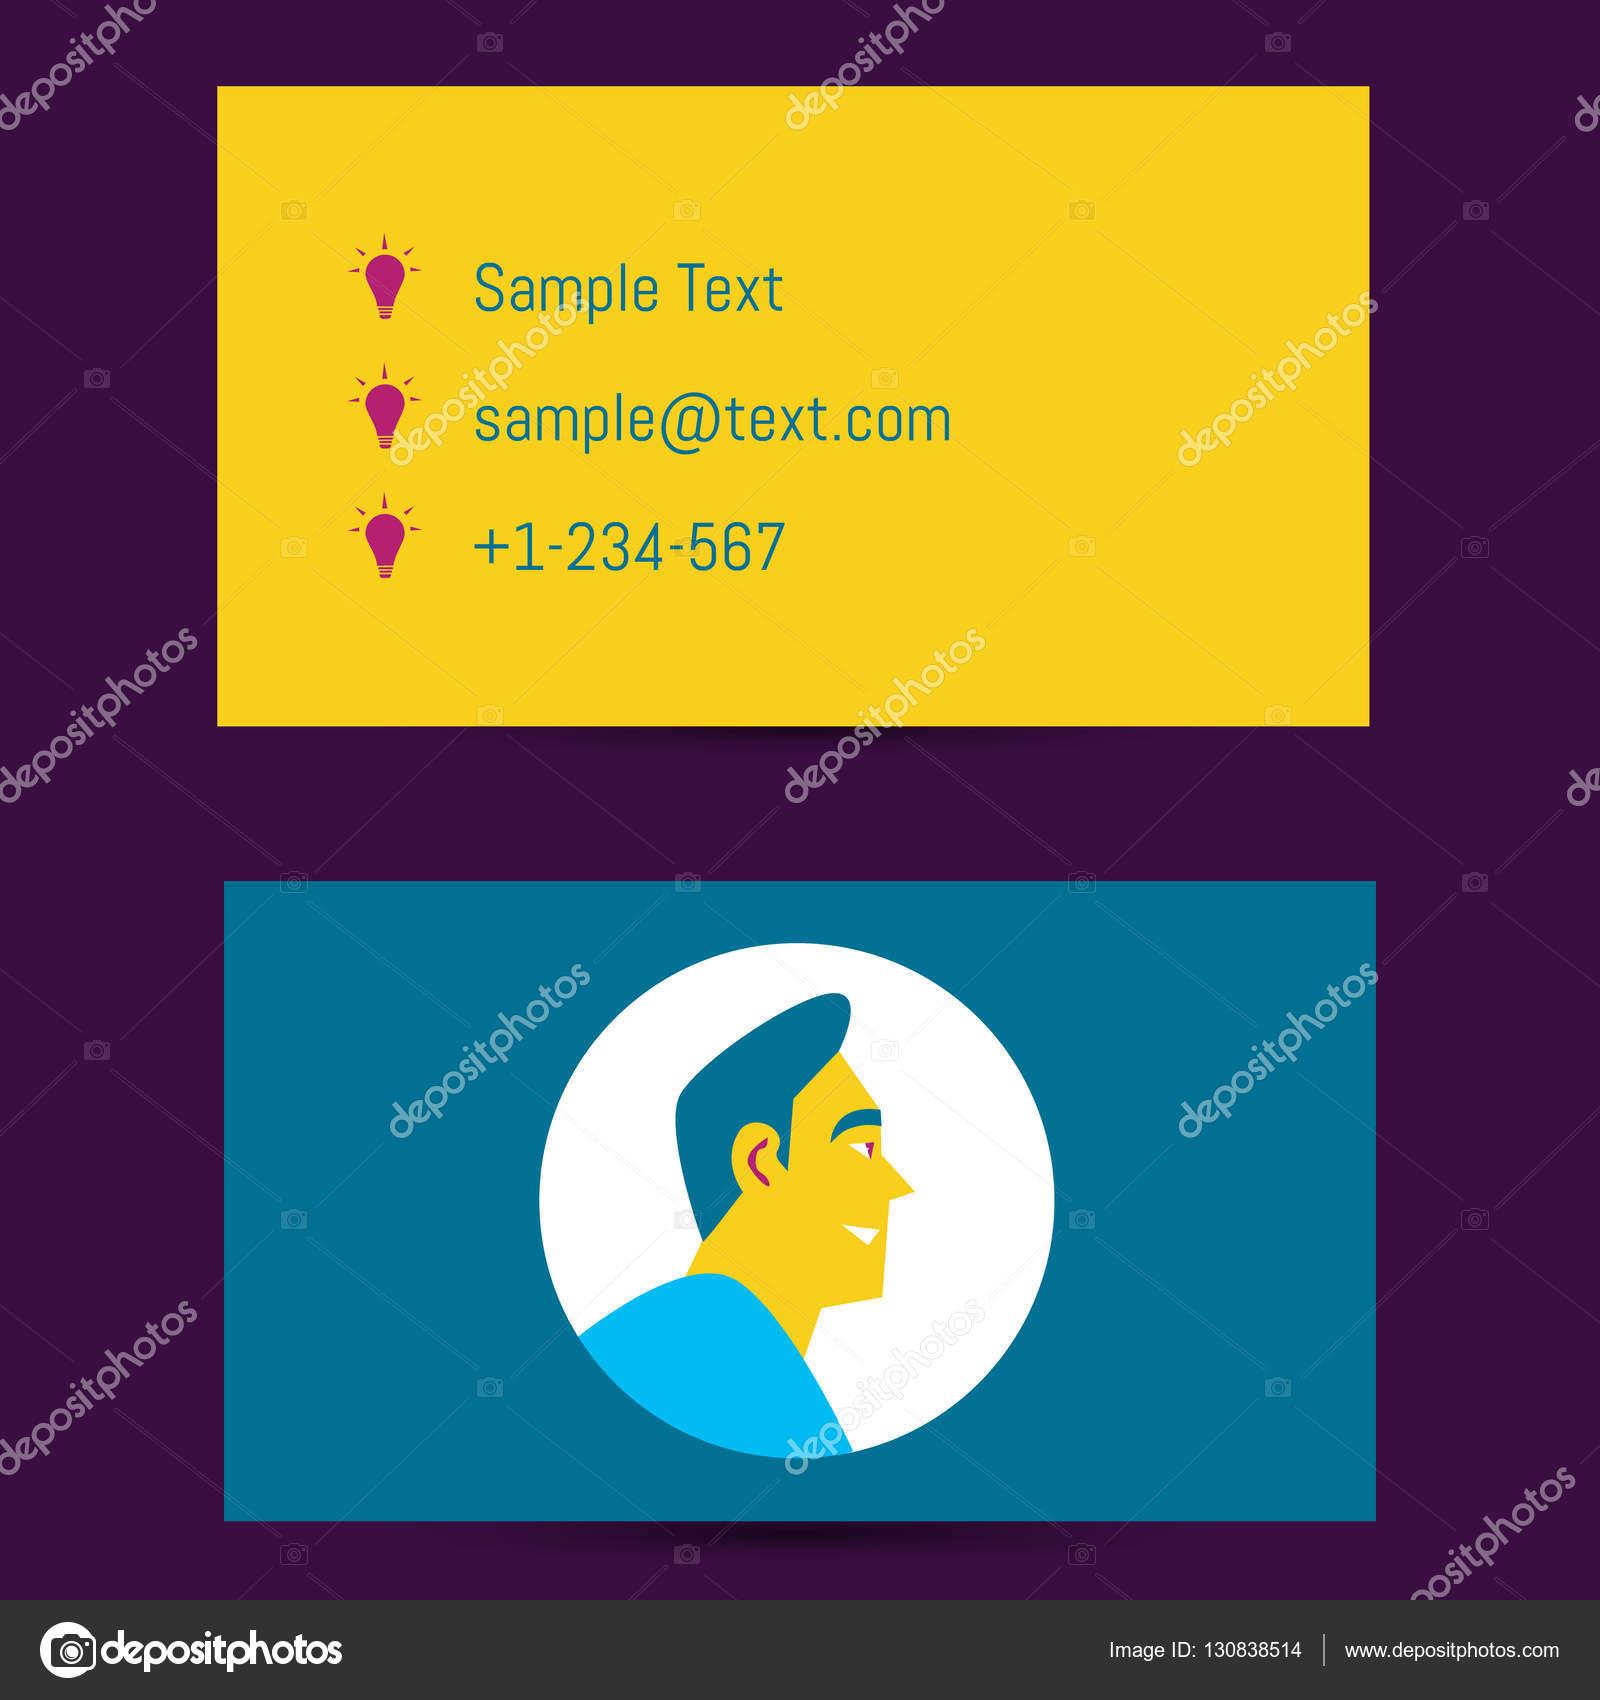 Modele De Carte Visite Avec Avatar Homme Illustration Stock